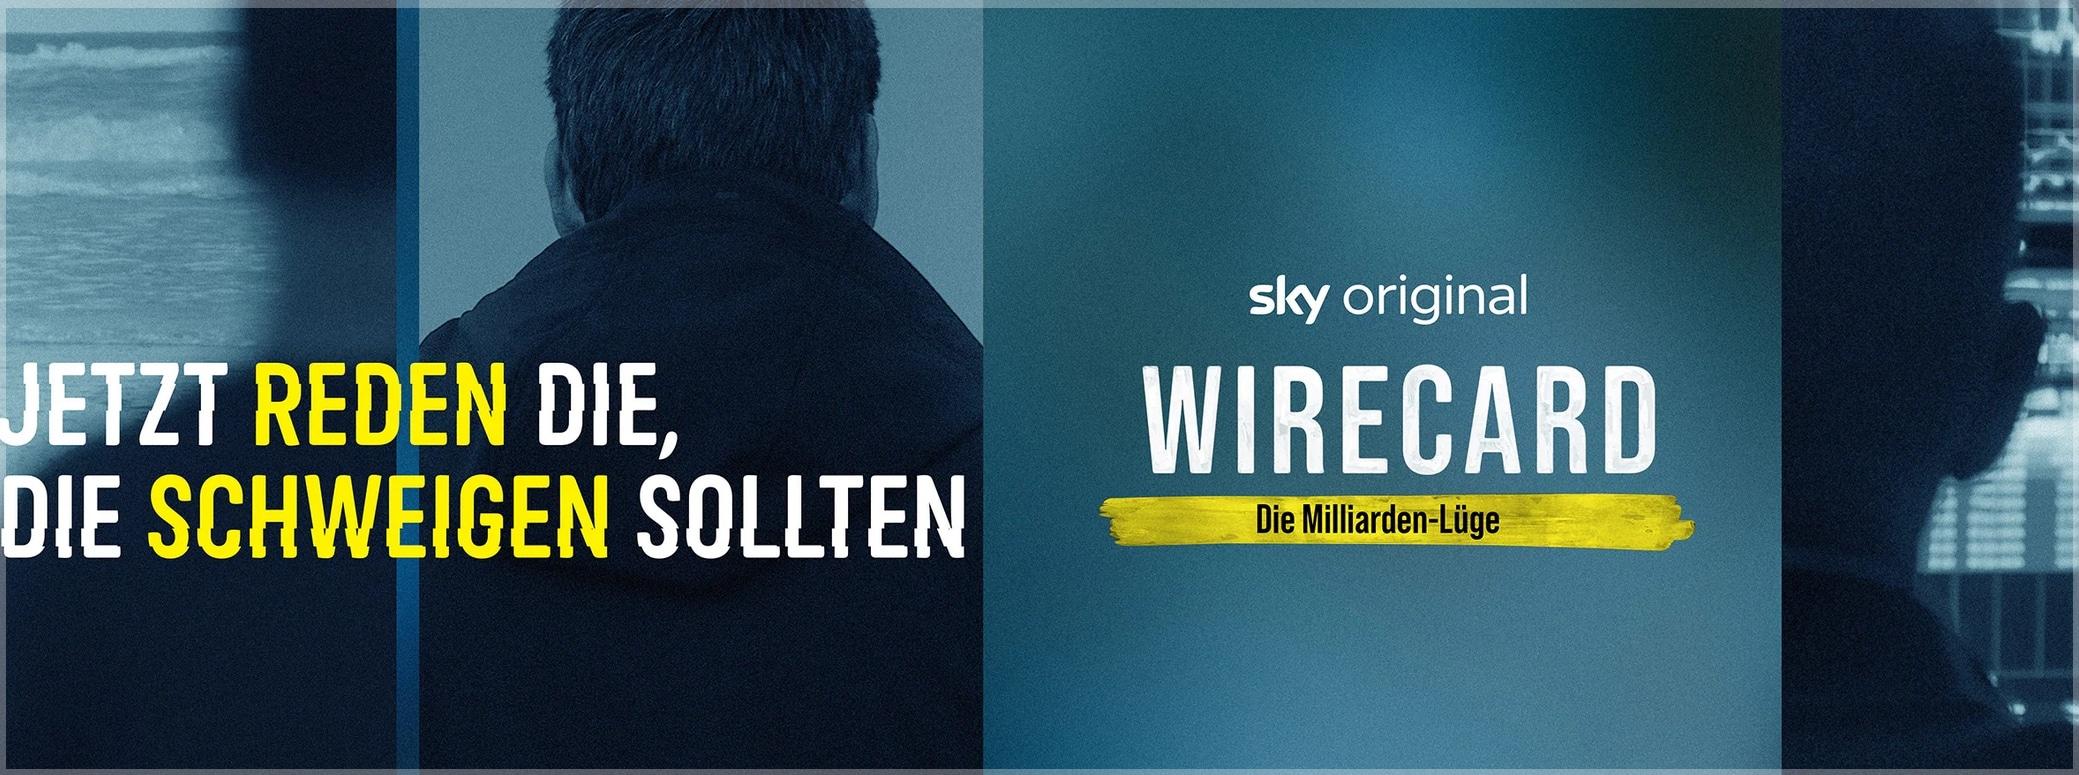 wirecard-sky-ticket-angebot